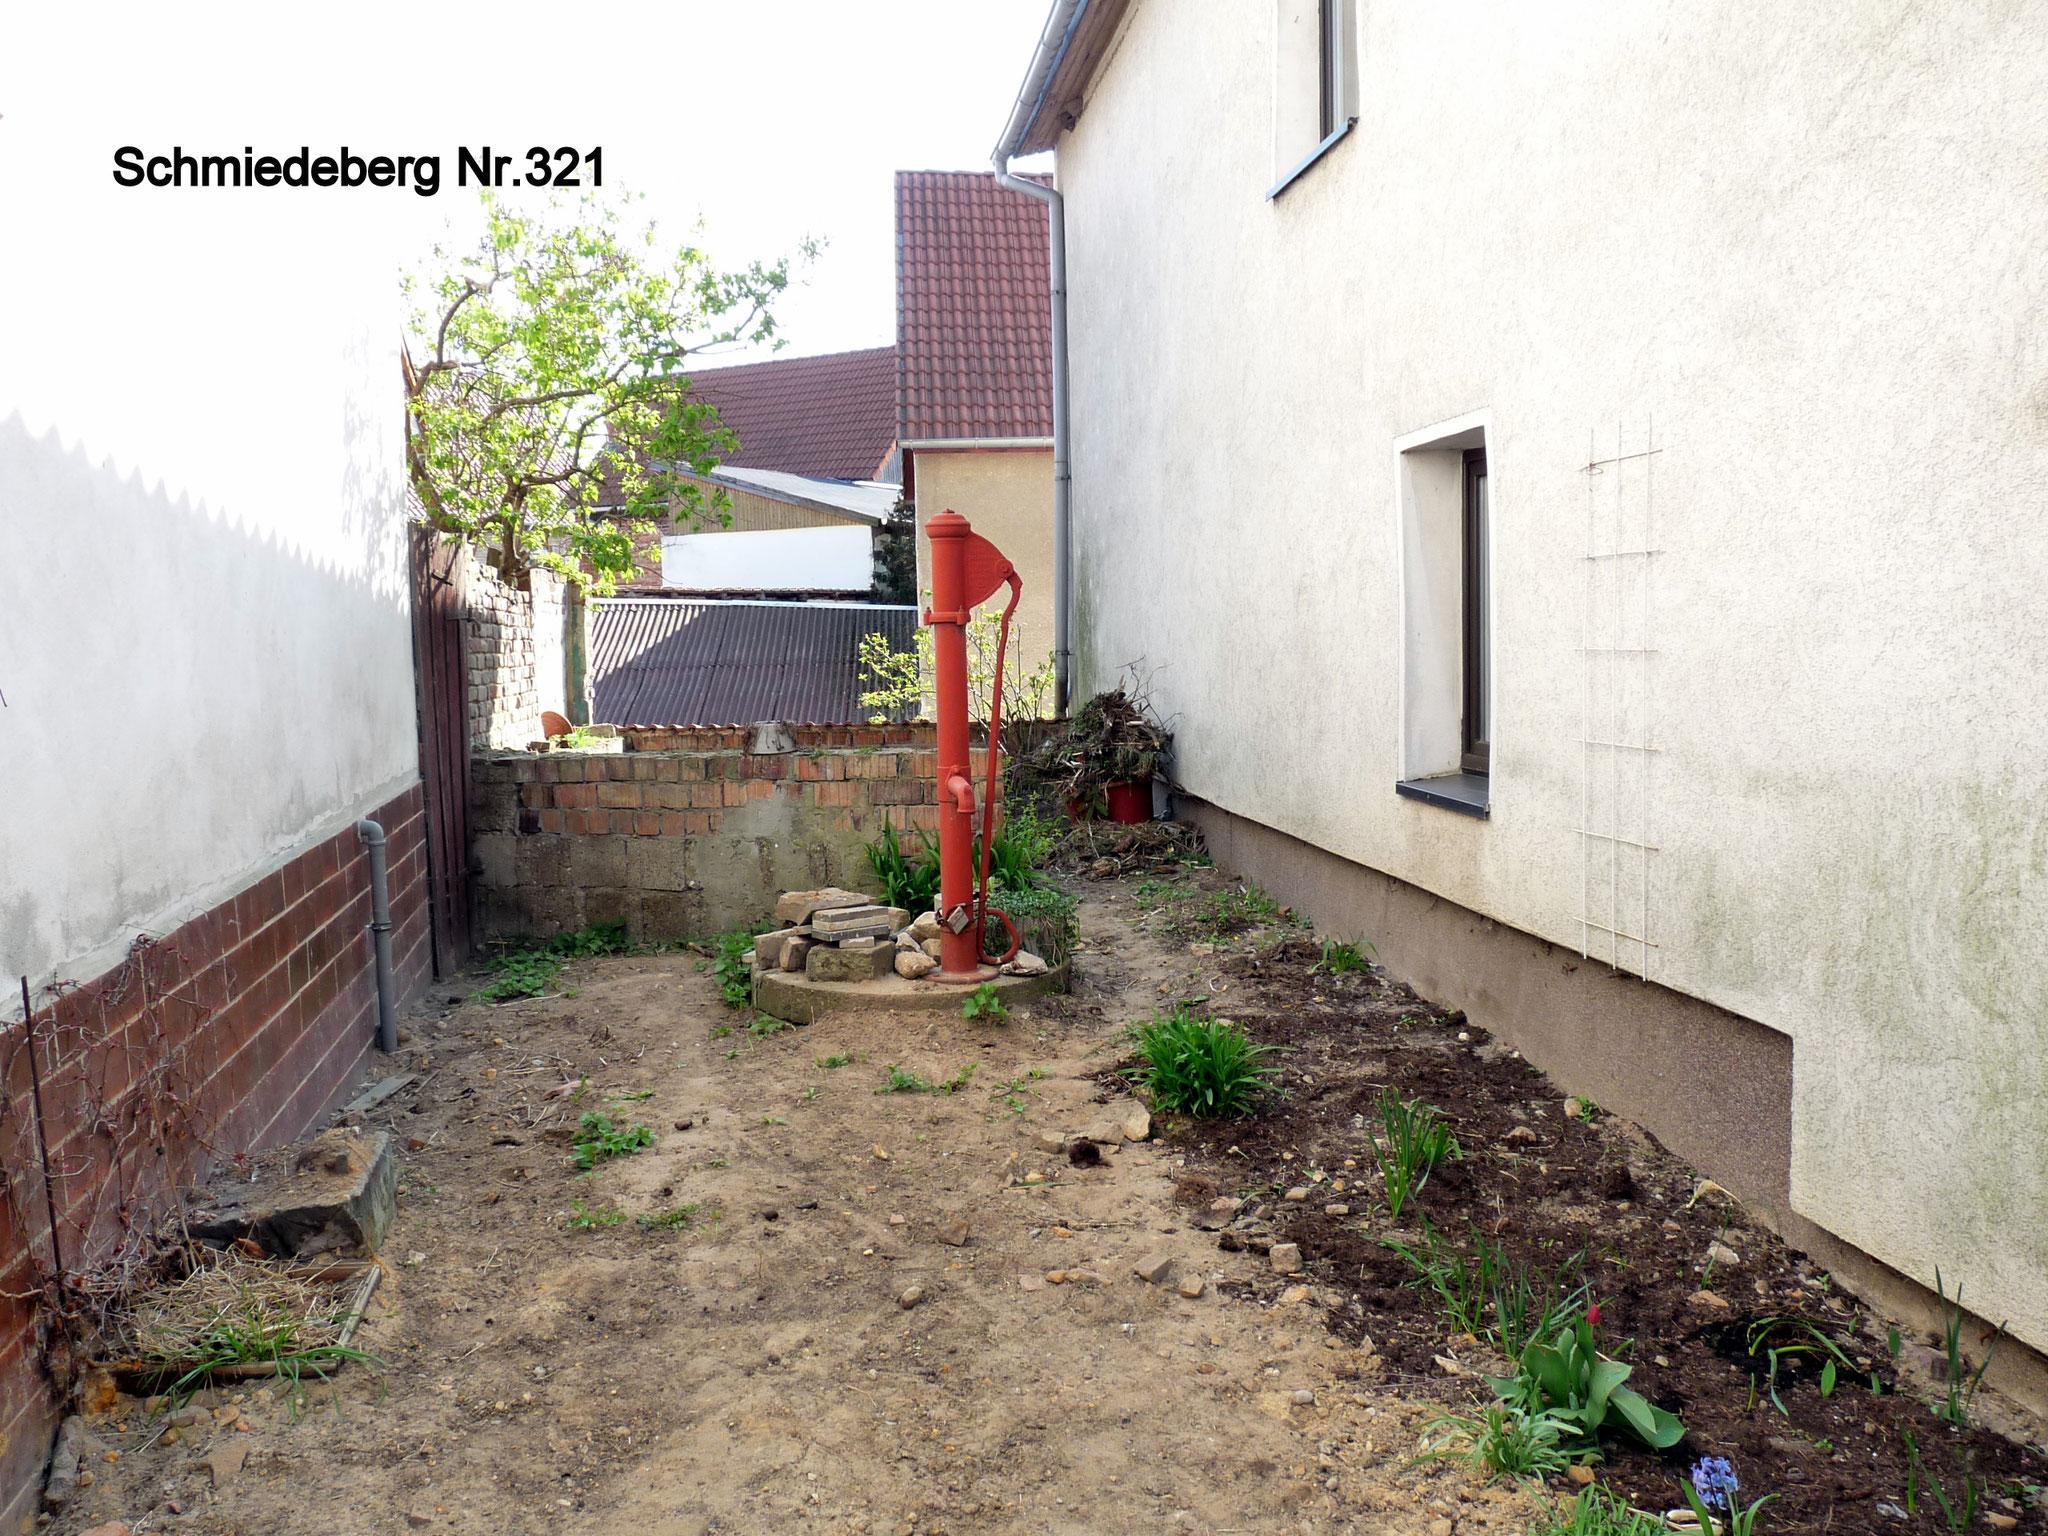 Schmiedeberg 321